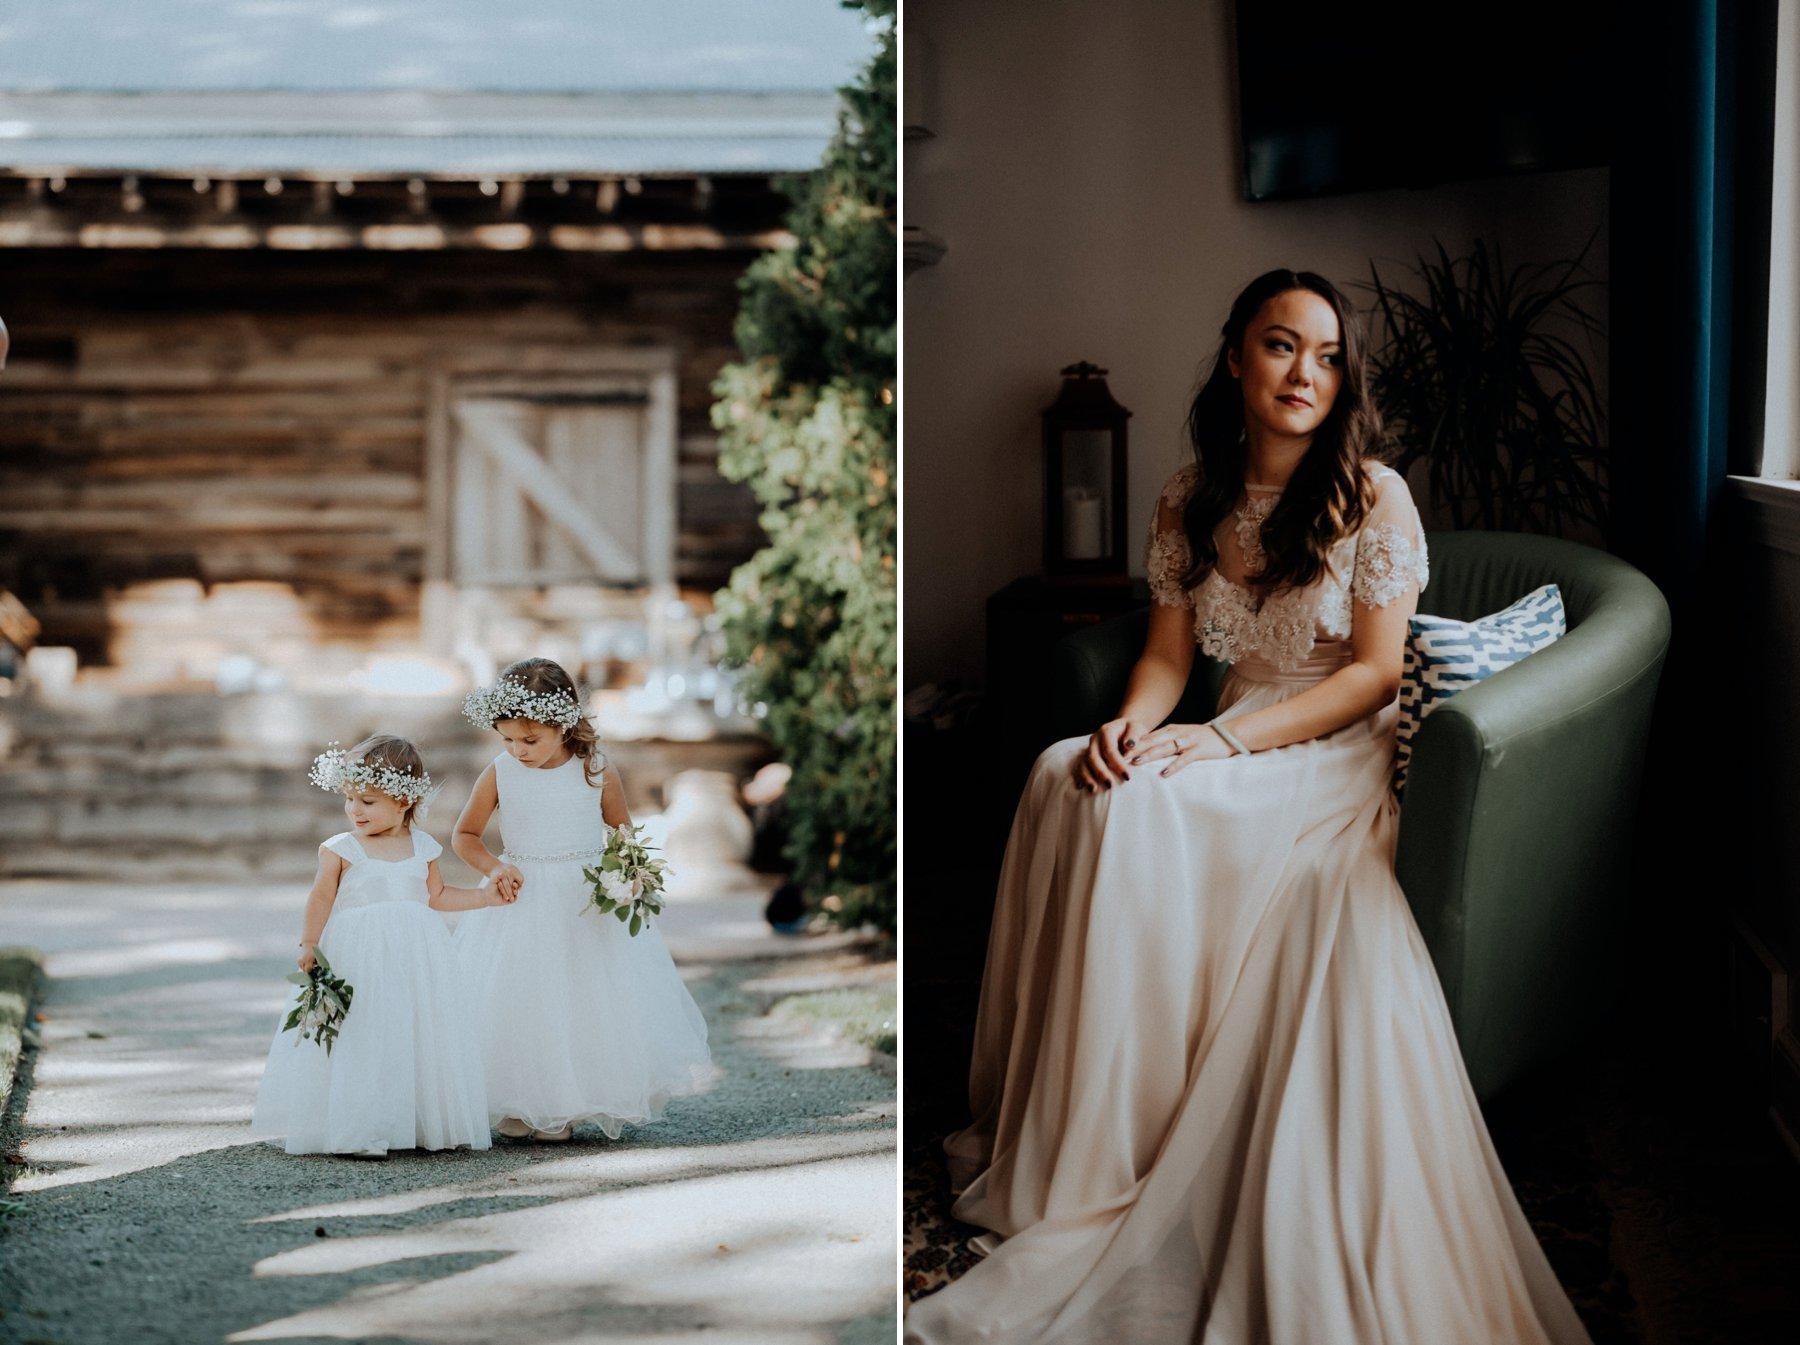 320-326-terrain-wedding-5.jpg